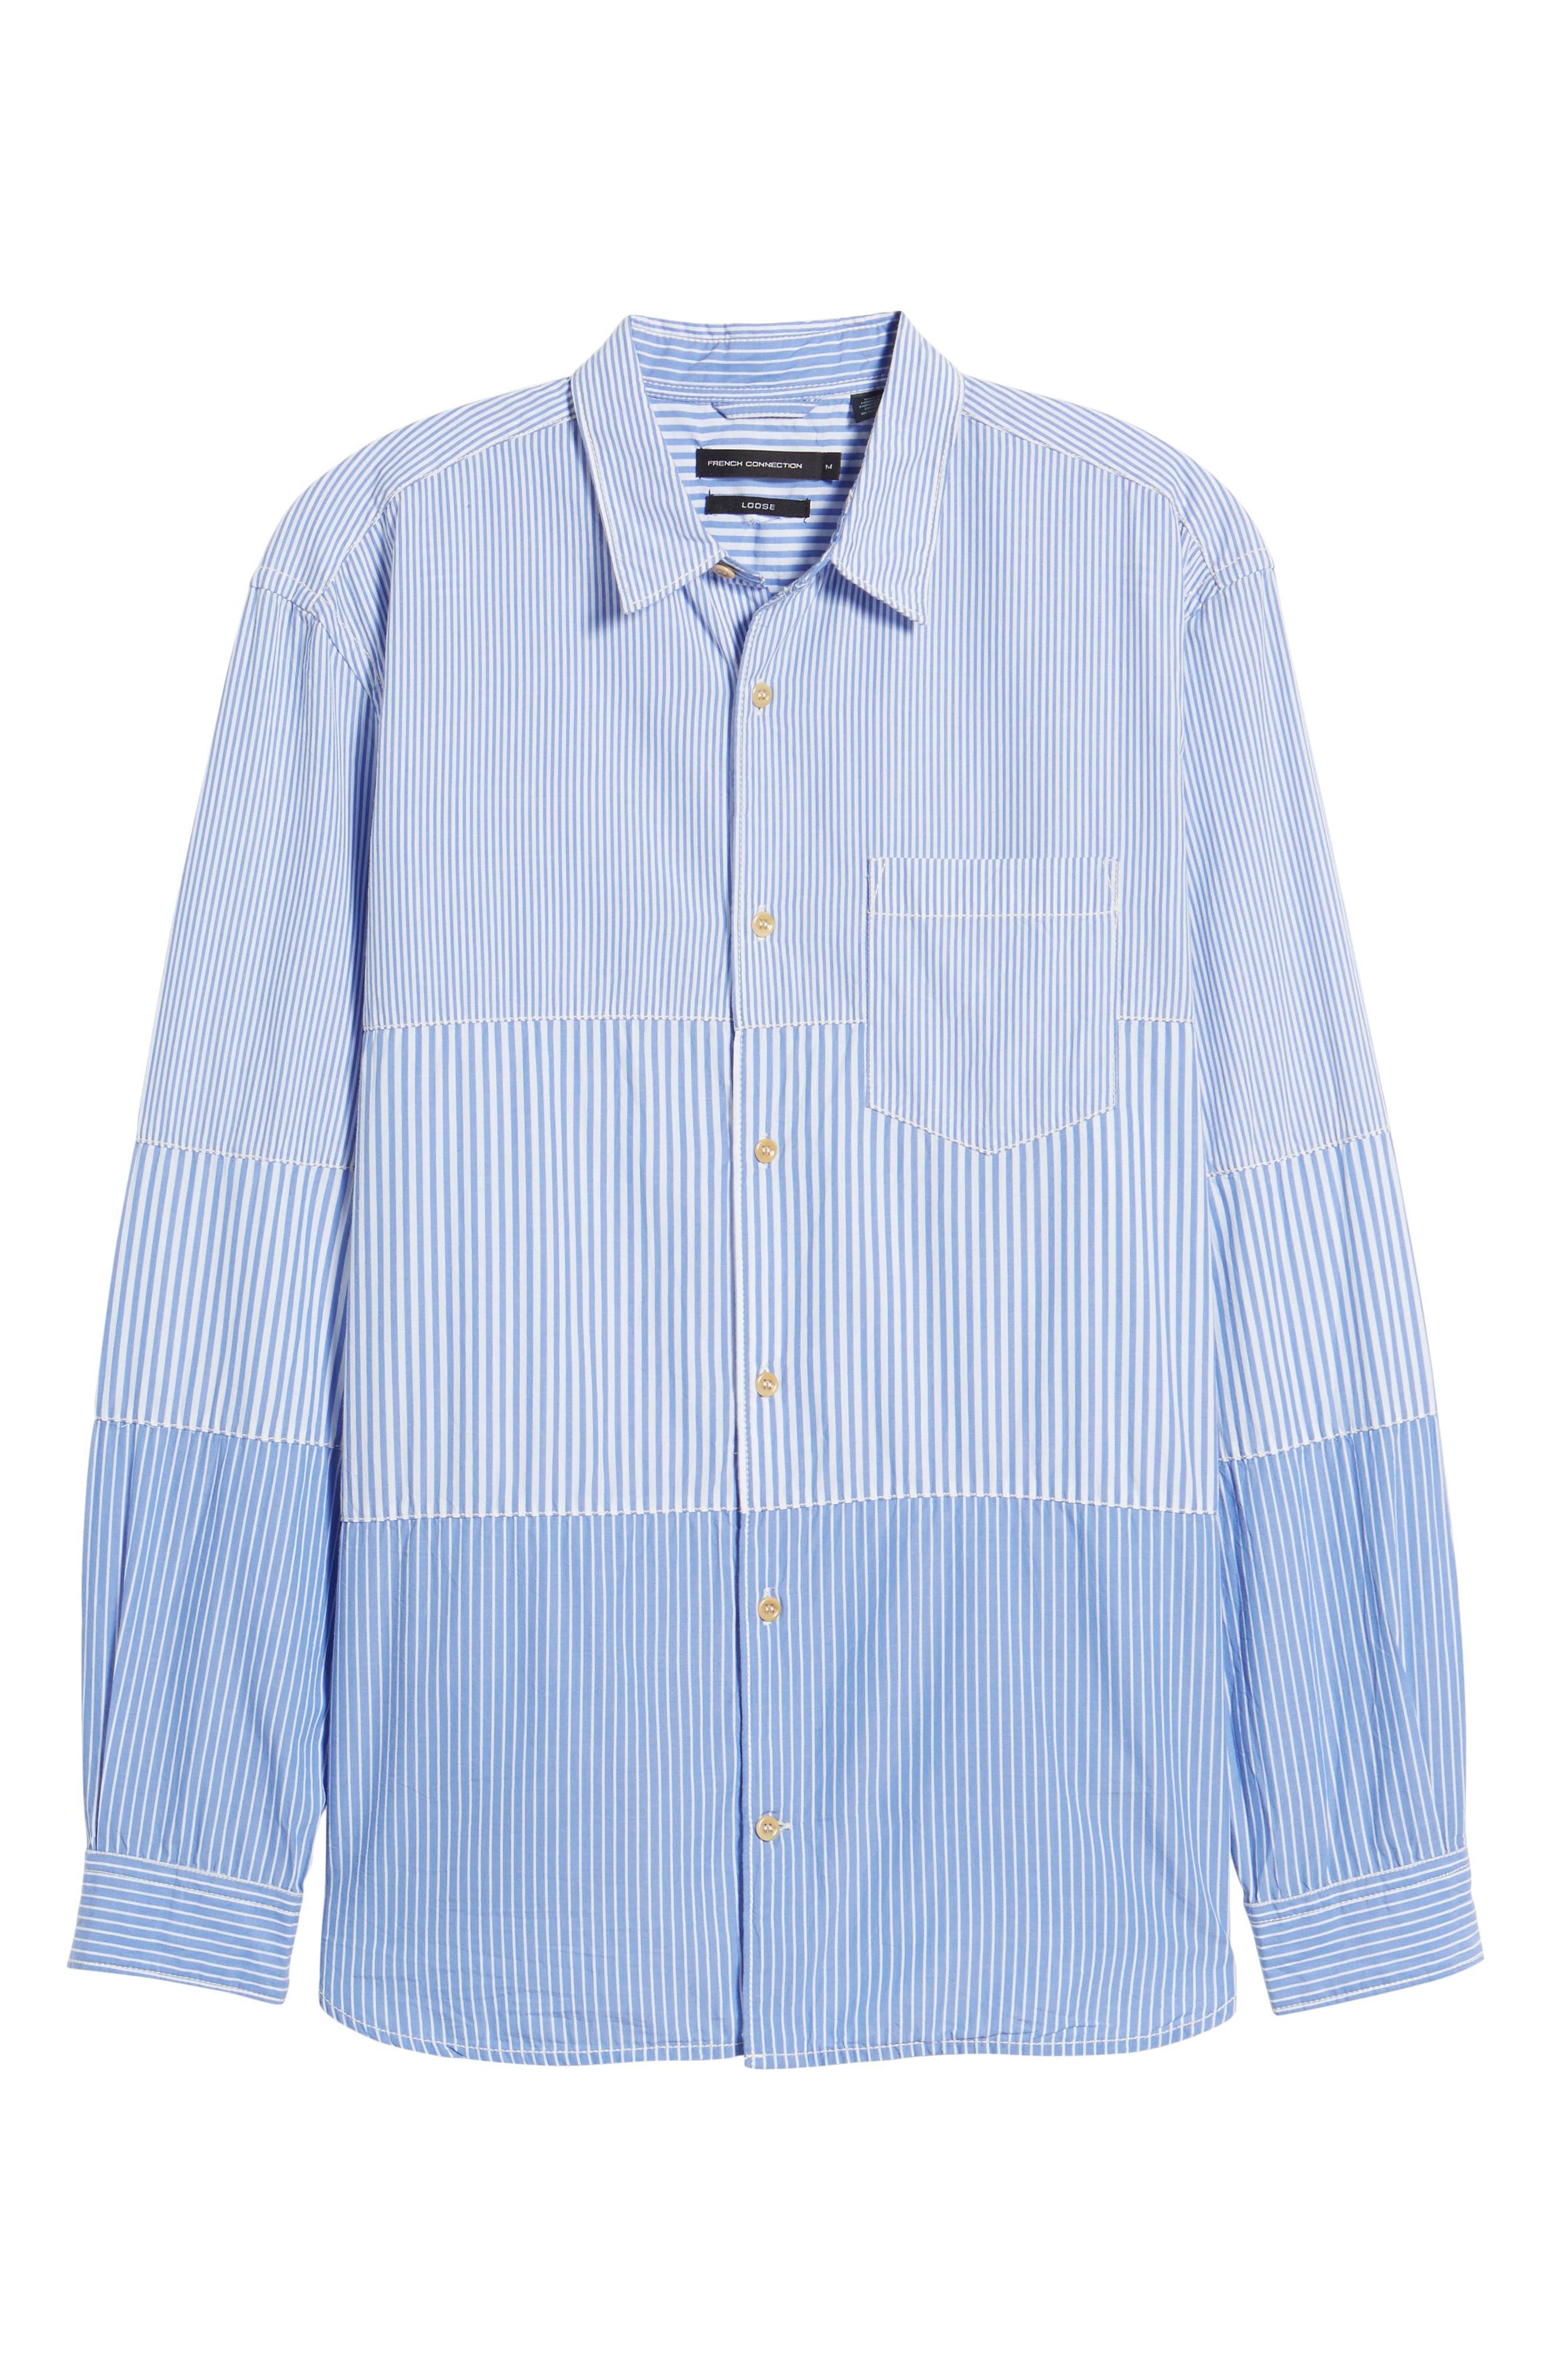 Regular Fit Stripe Sport Shirt,                             Alternate thumbnail 6, color,                             All Stripe